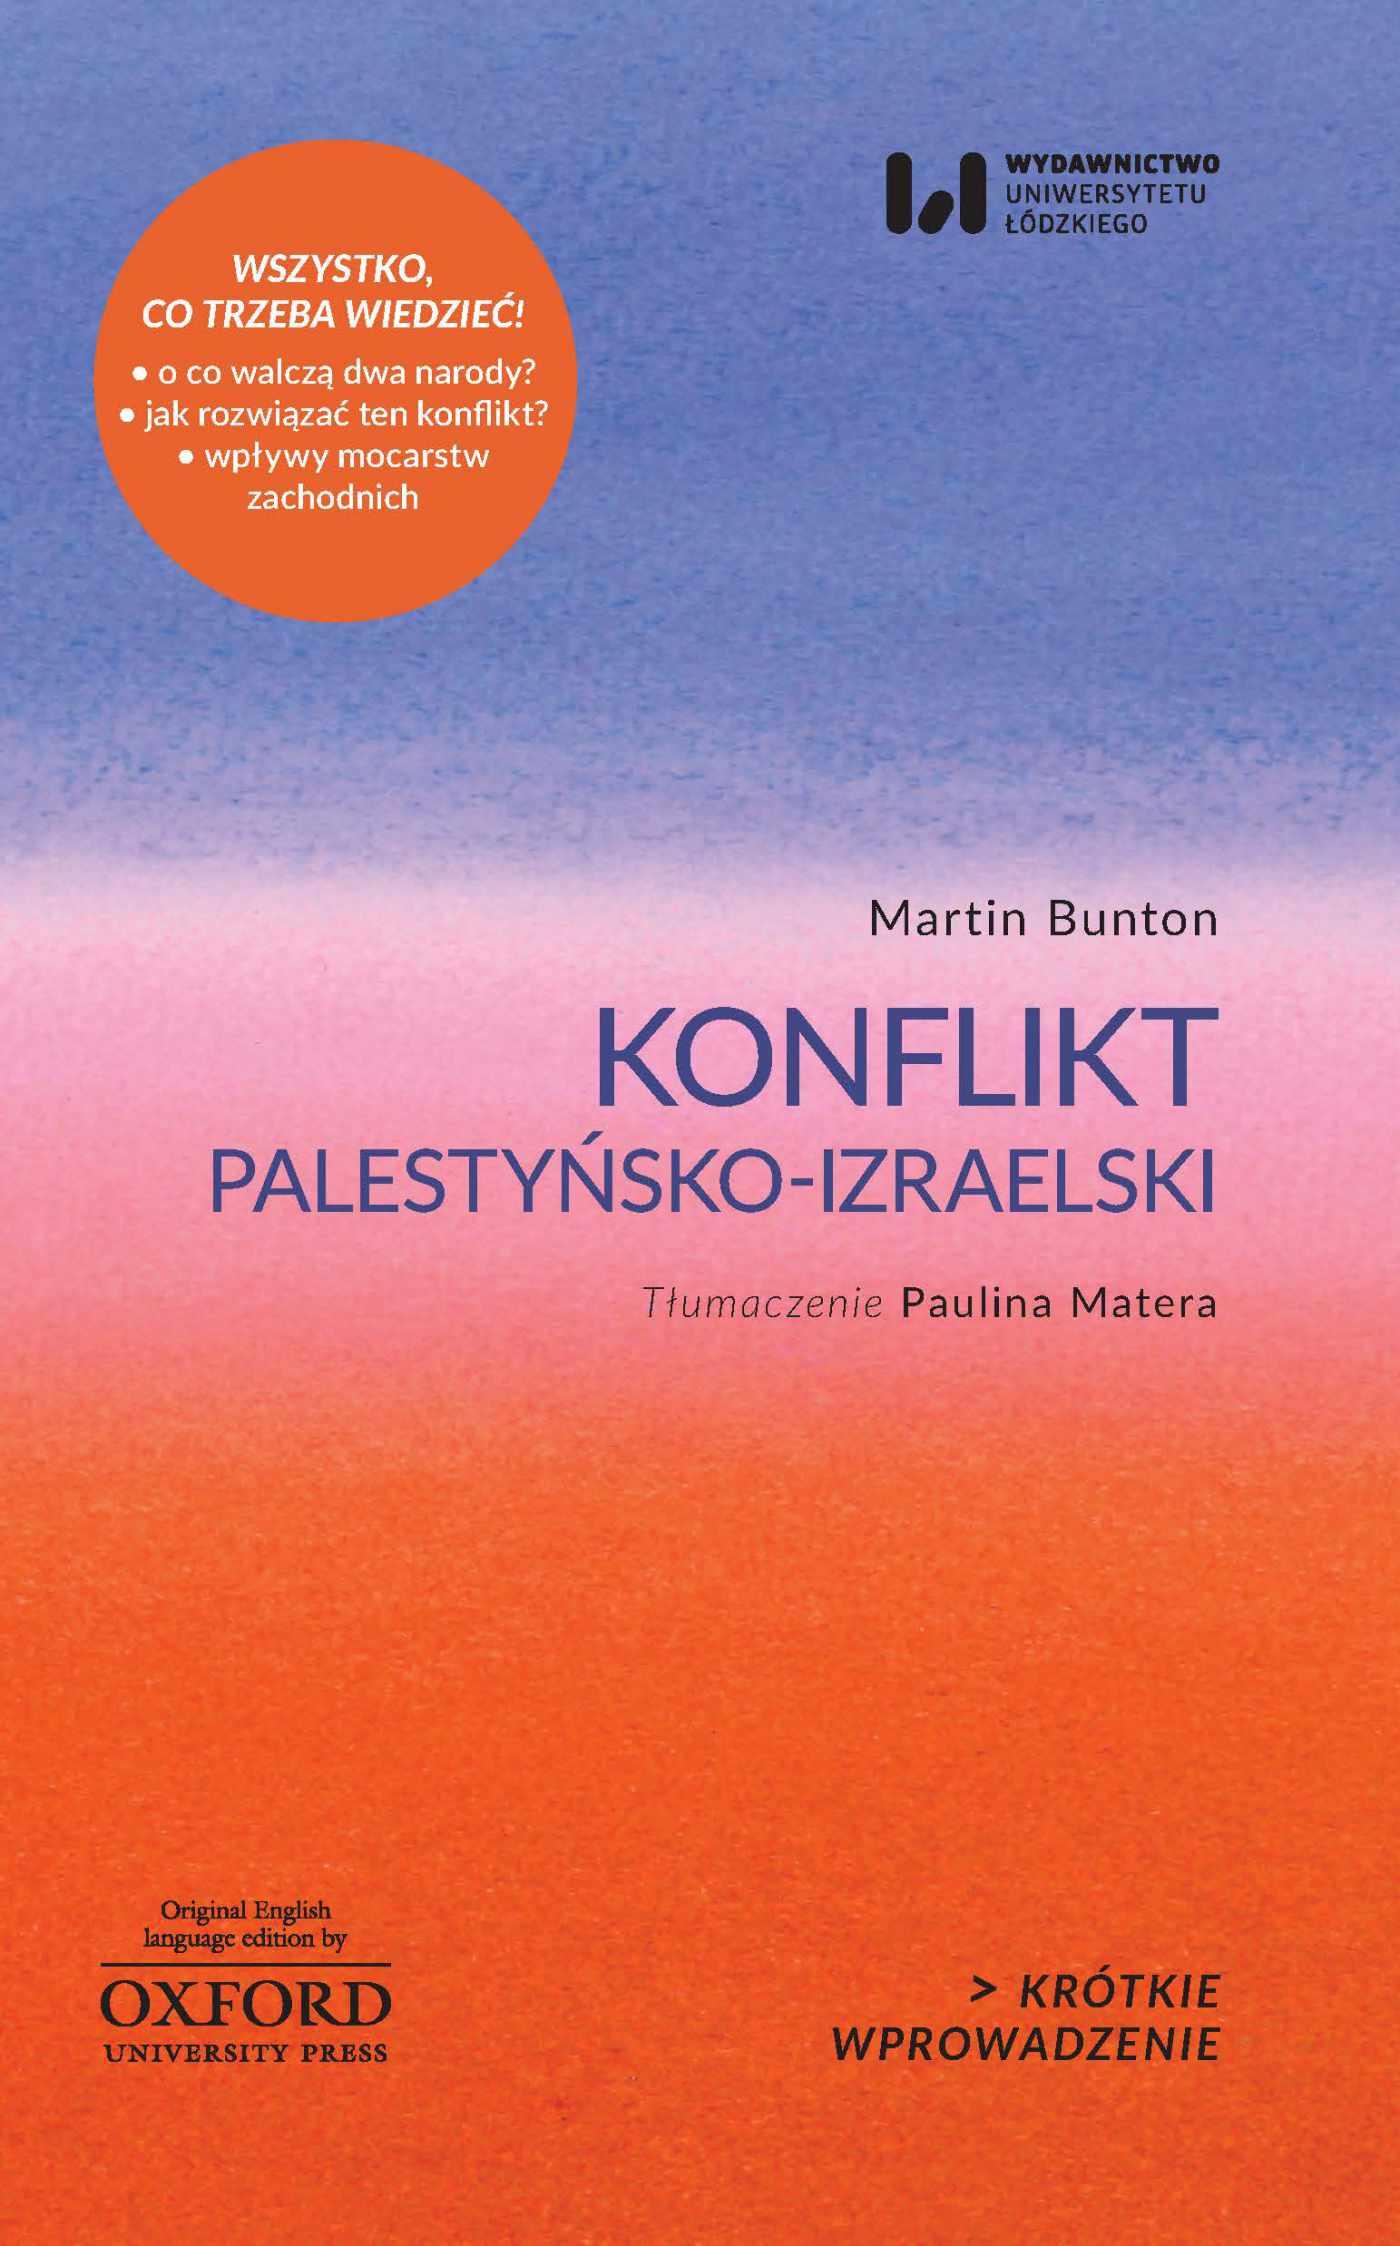 Konflikt palestyńsko-izraelski. Krótkie Wprowadzenie 4 - Ebook (Książka na Kindle) do pobrania w formacie MOBI